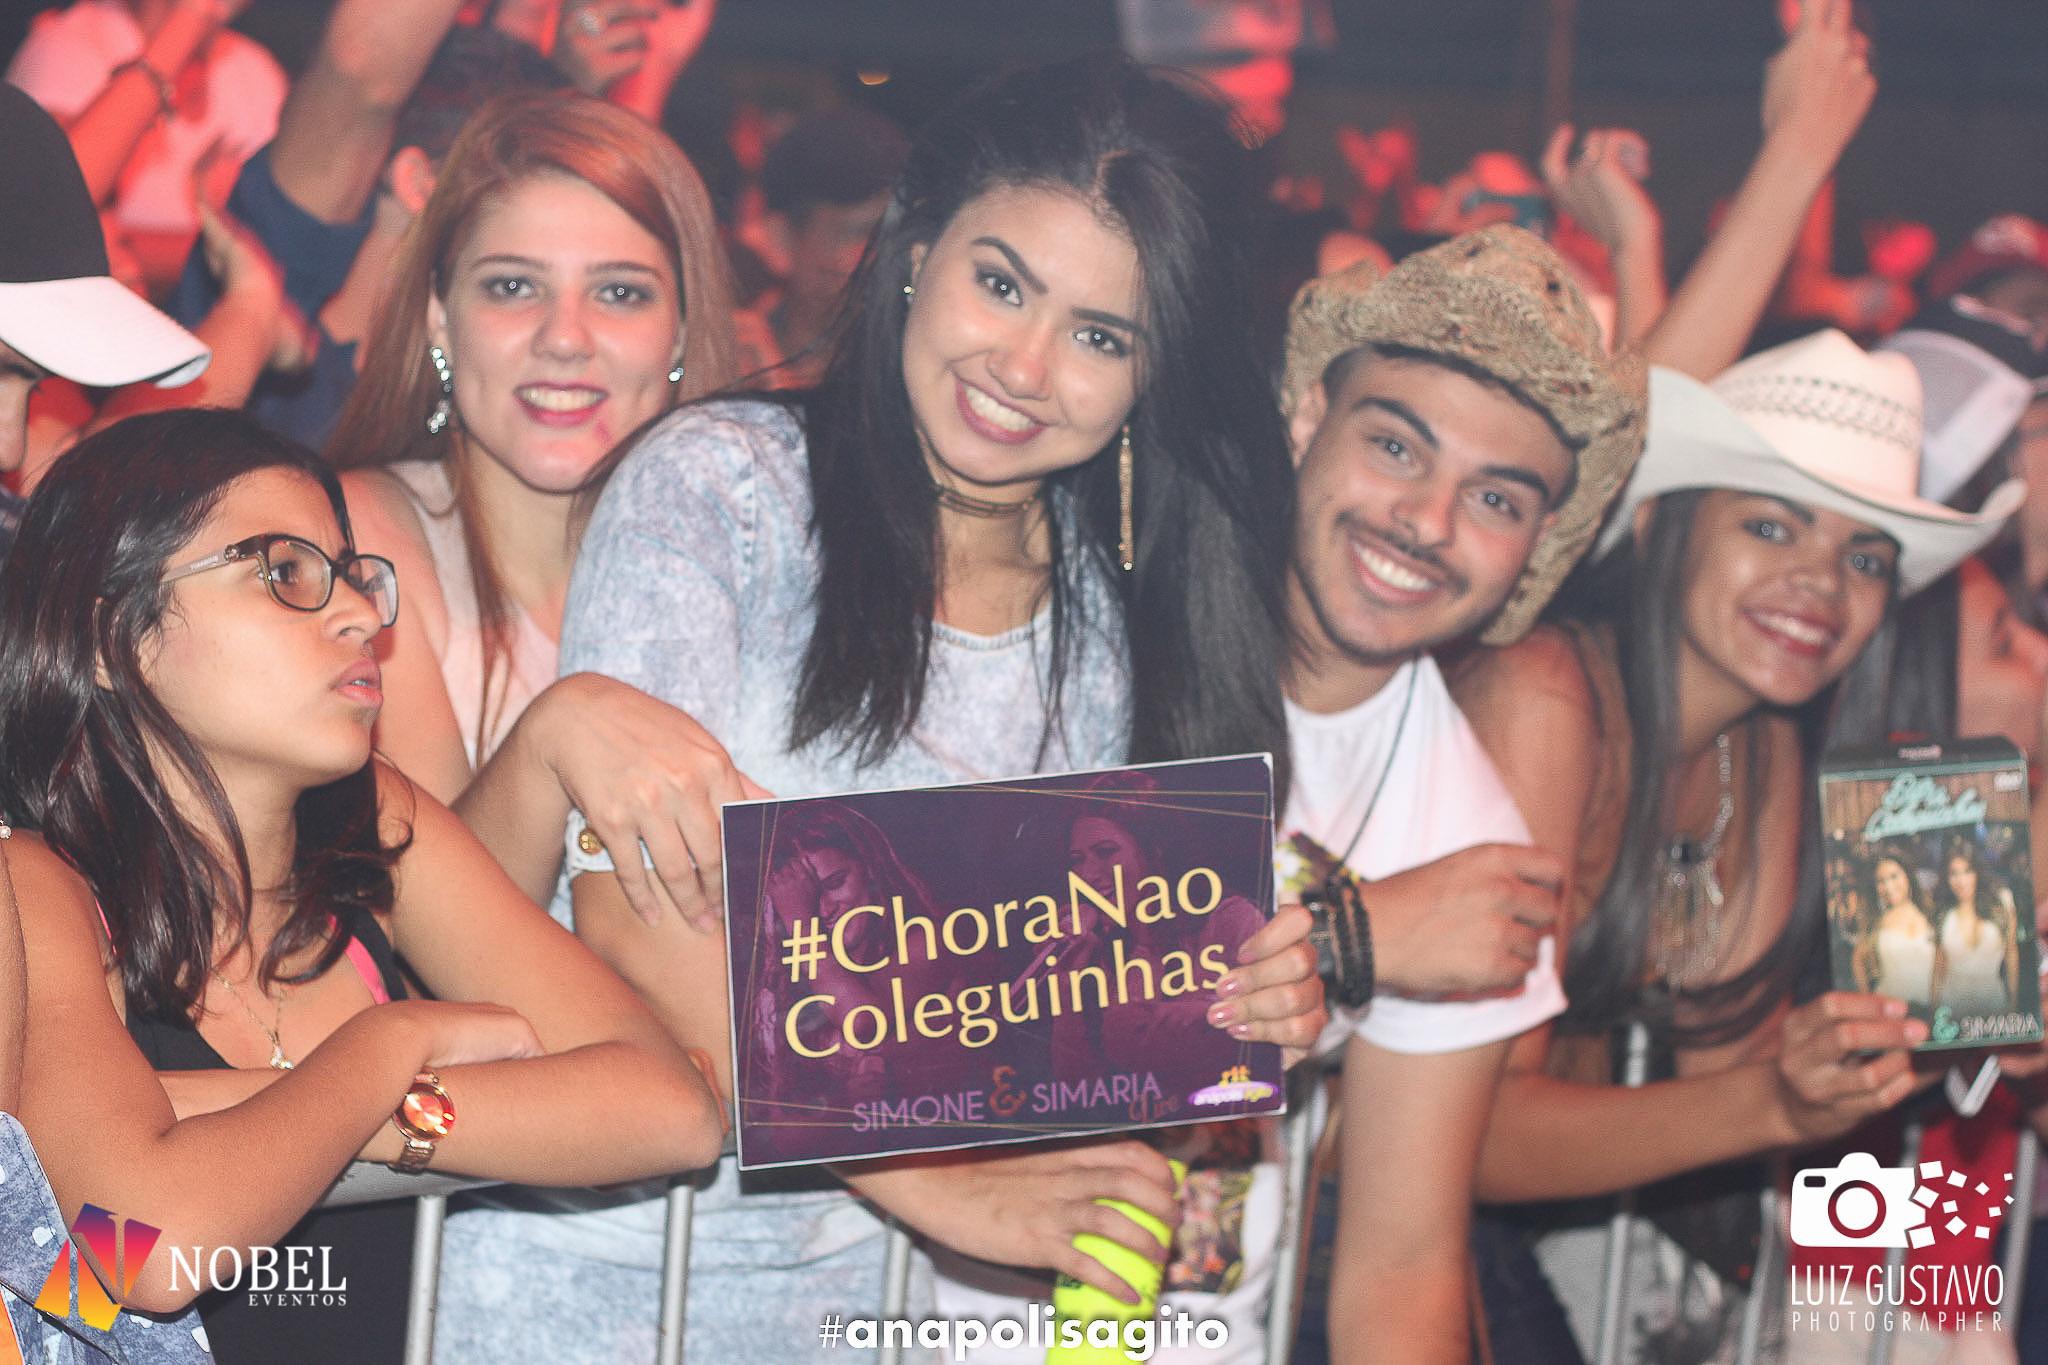 Luiz Gustavo-114